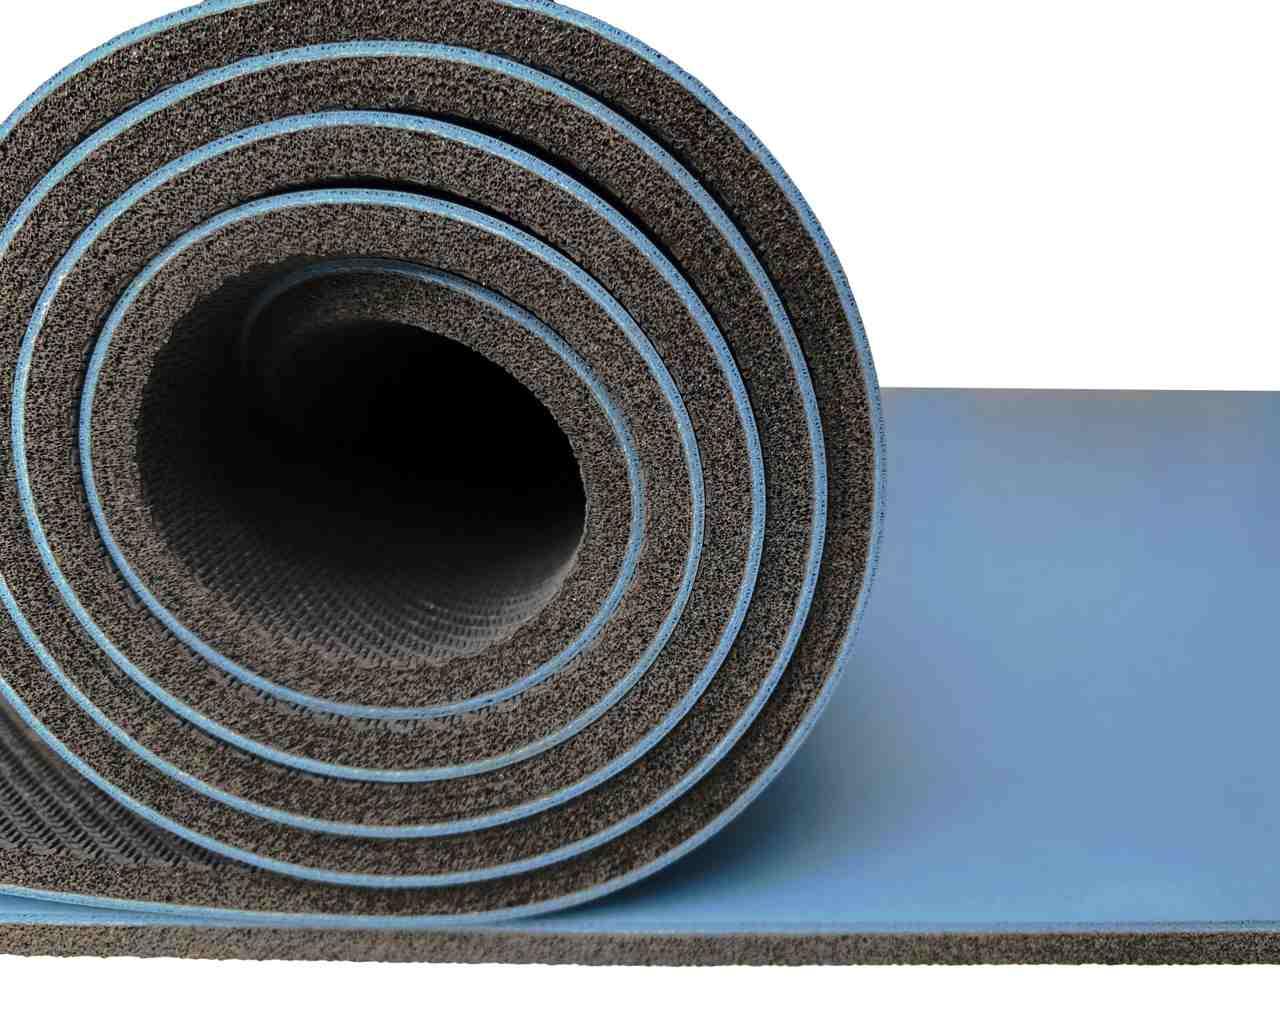 Tapete de Yoga Mat - PU com Borracha Natural - Antiderrapante Azul